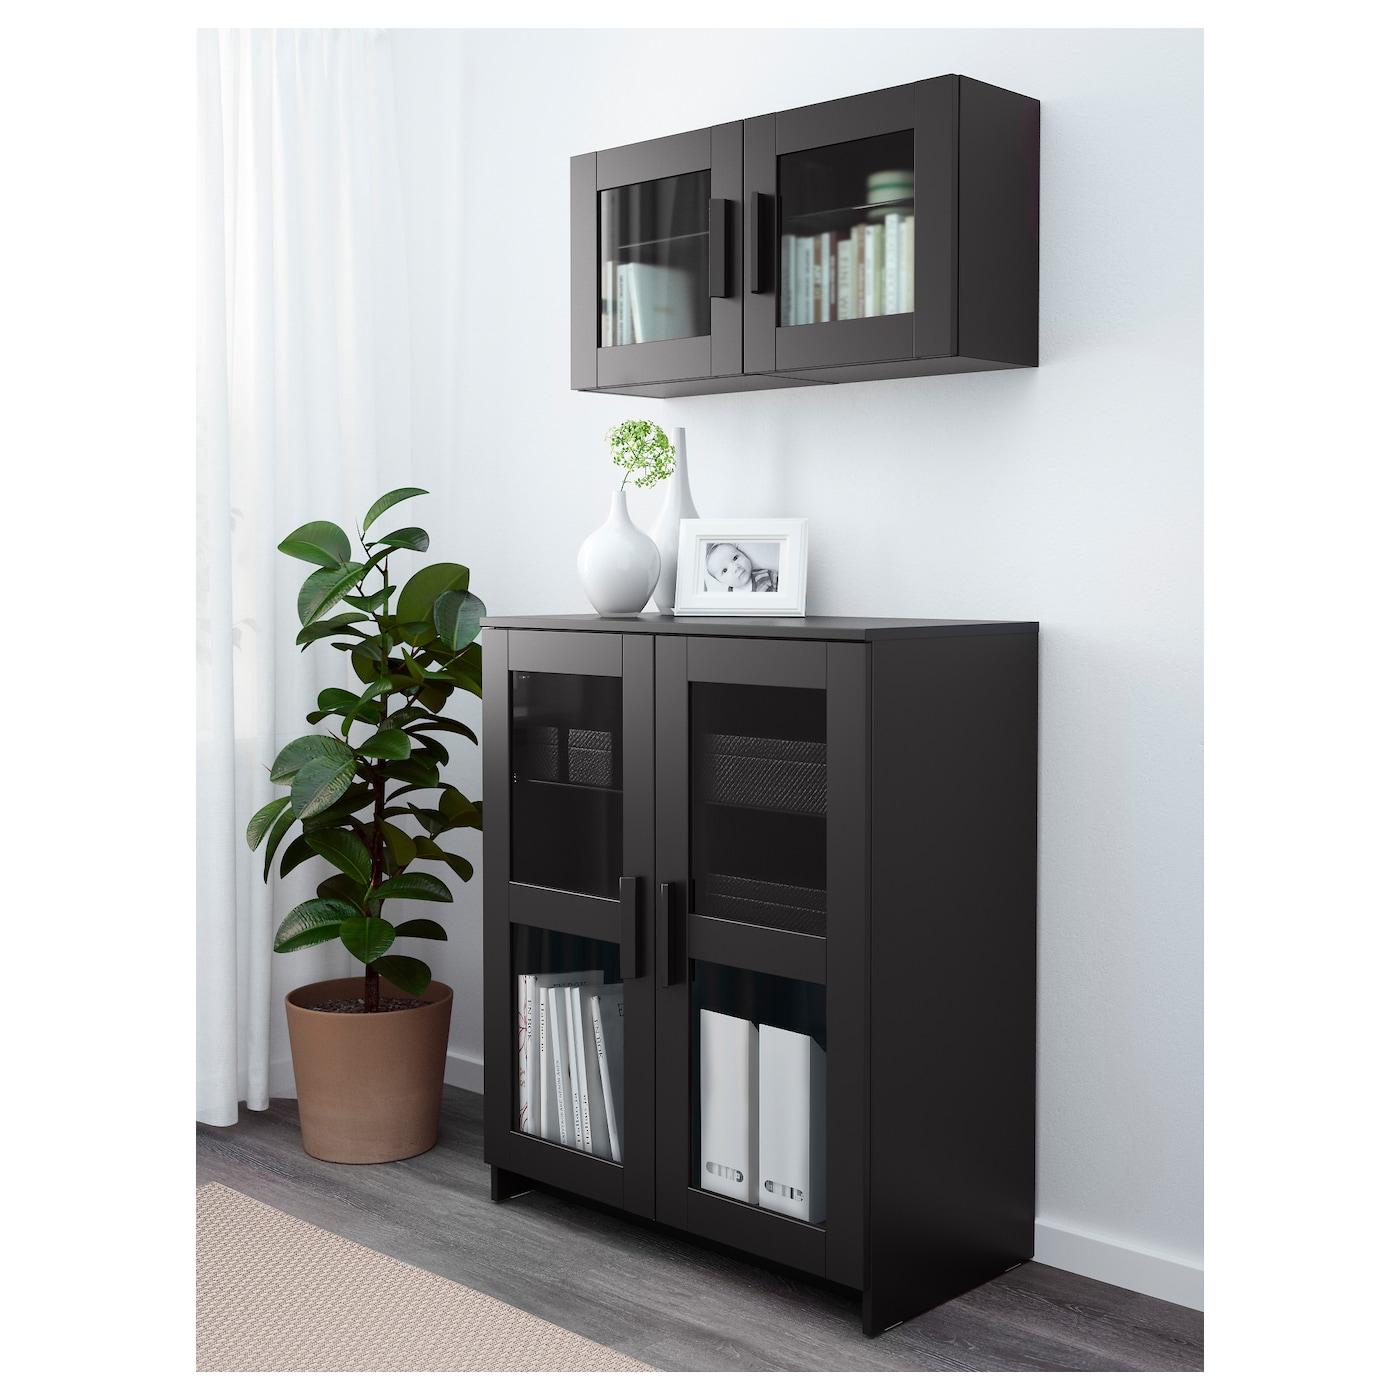 BRIMNES Cabinet with doors Glass black 78×95 cm IKEA